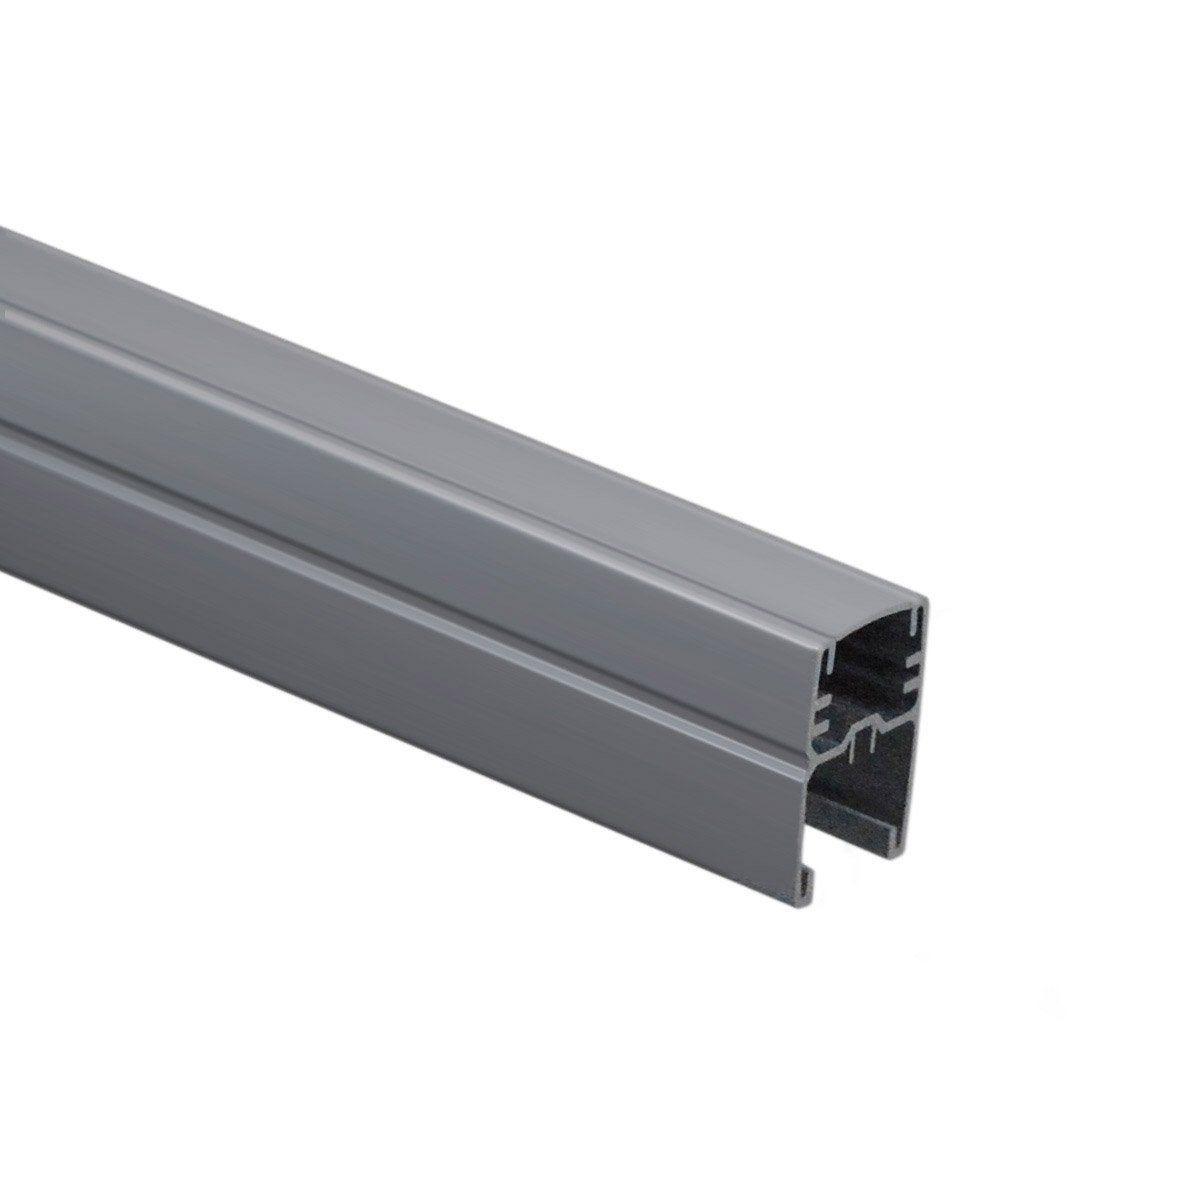 Profil De Finition Aluminium En U Gris Clair H 175 X L 44 X P 34 Cm Composite Premium Gris Clair Gris Et Profil